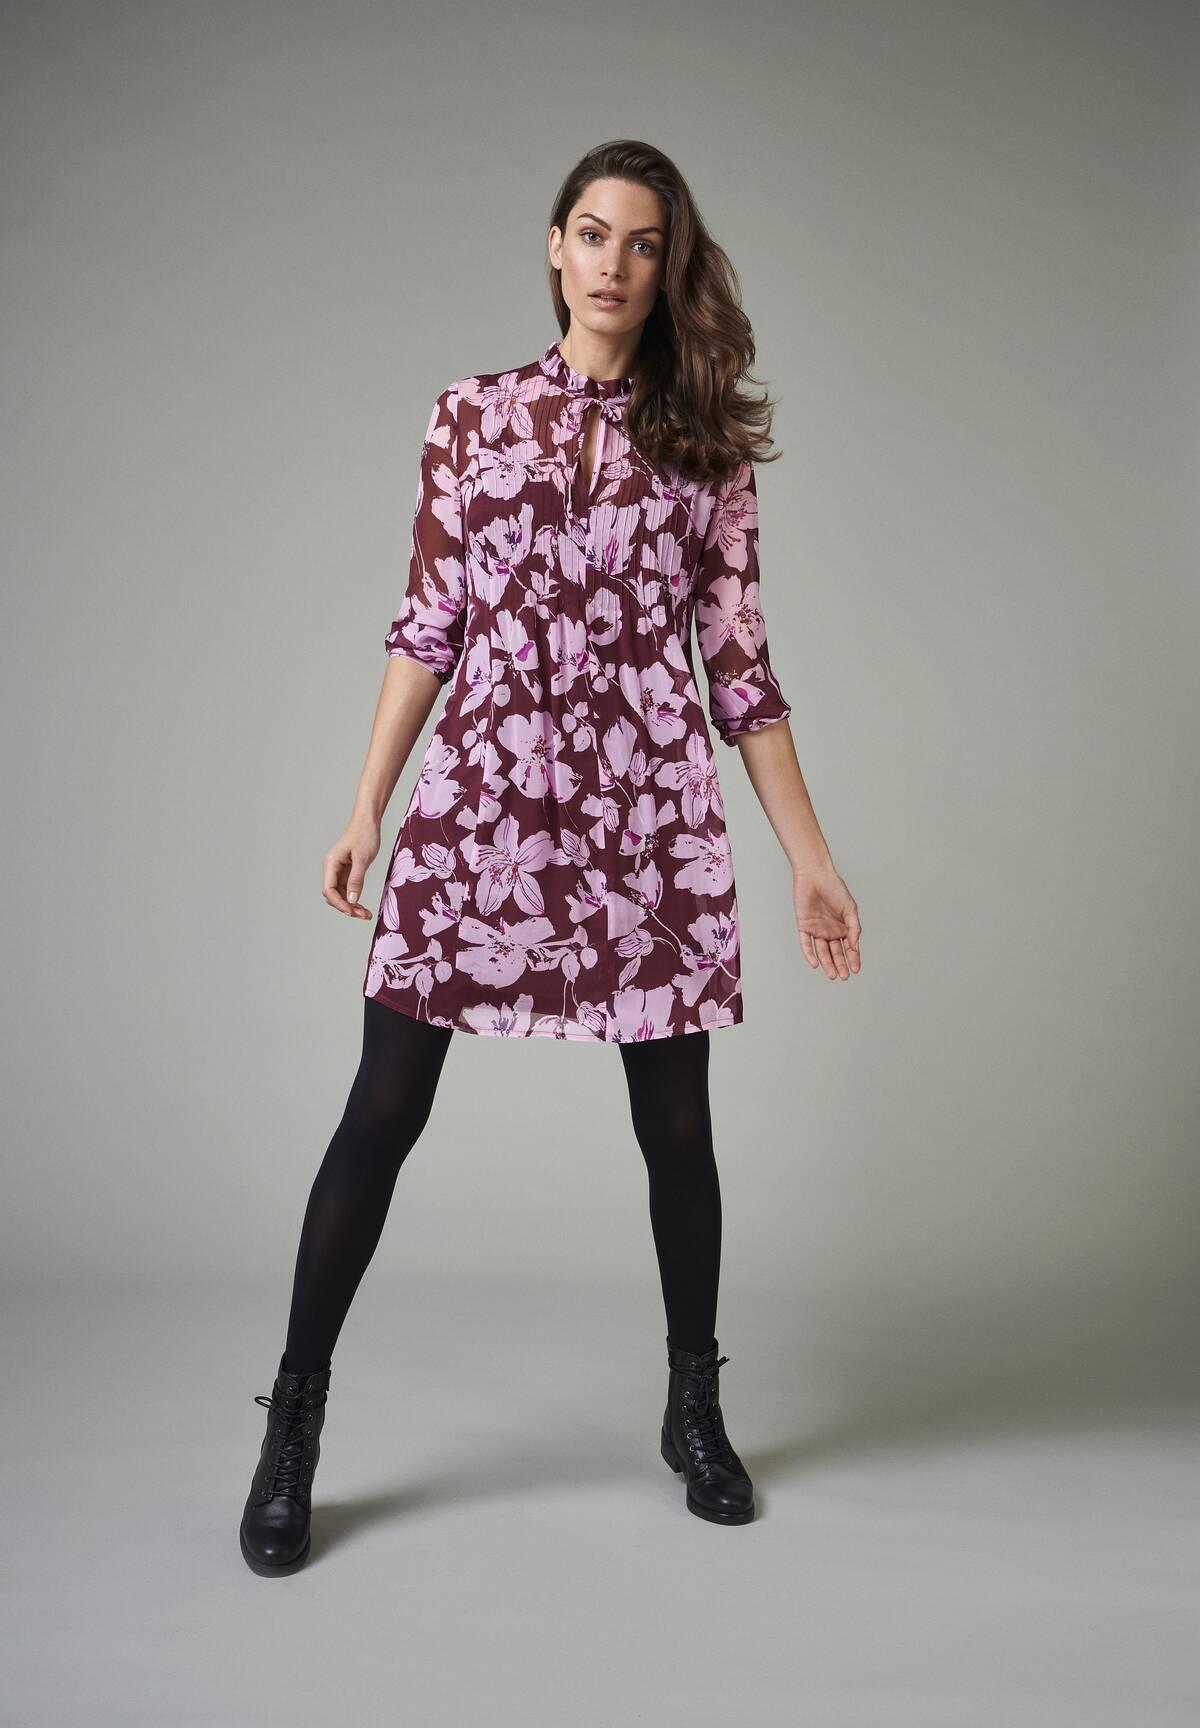 Feminines Kleid mit verspielten Details / Chiffon Dress